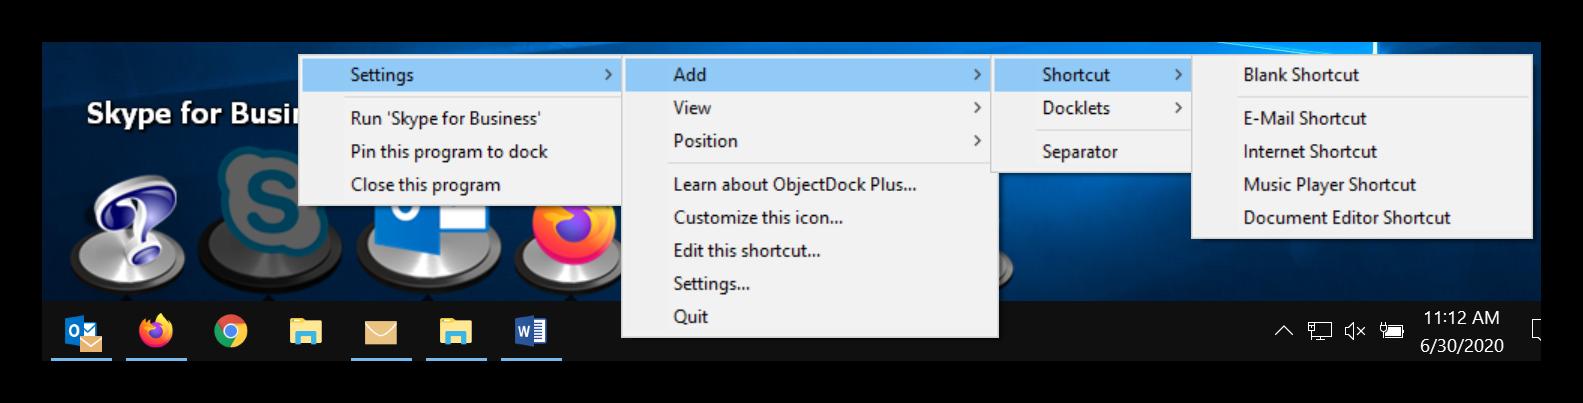 ObjectDock Settings